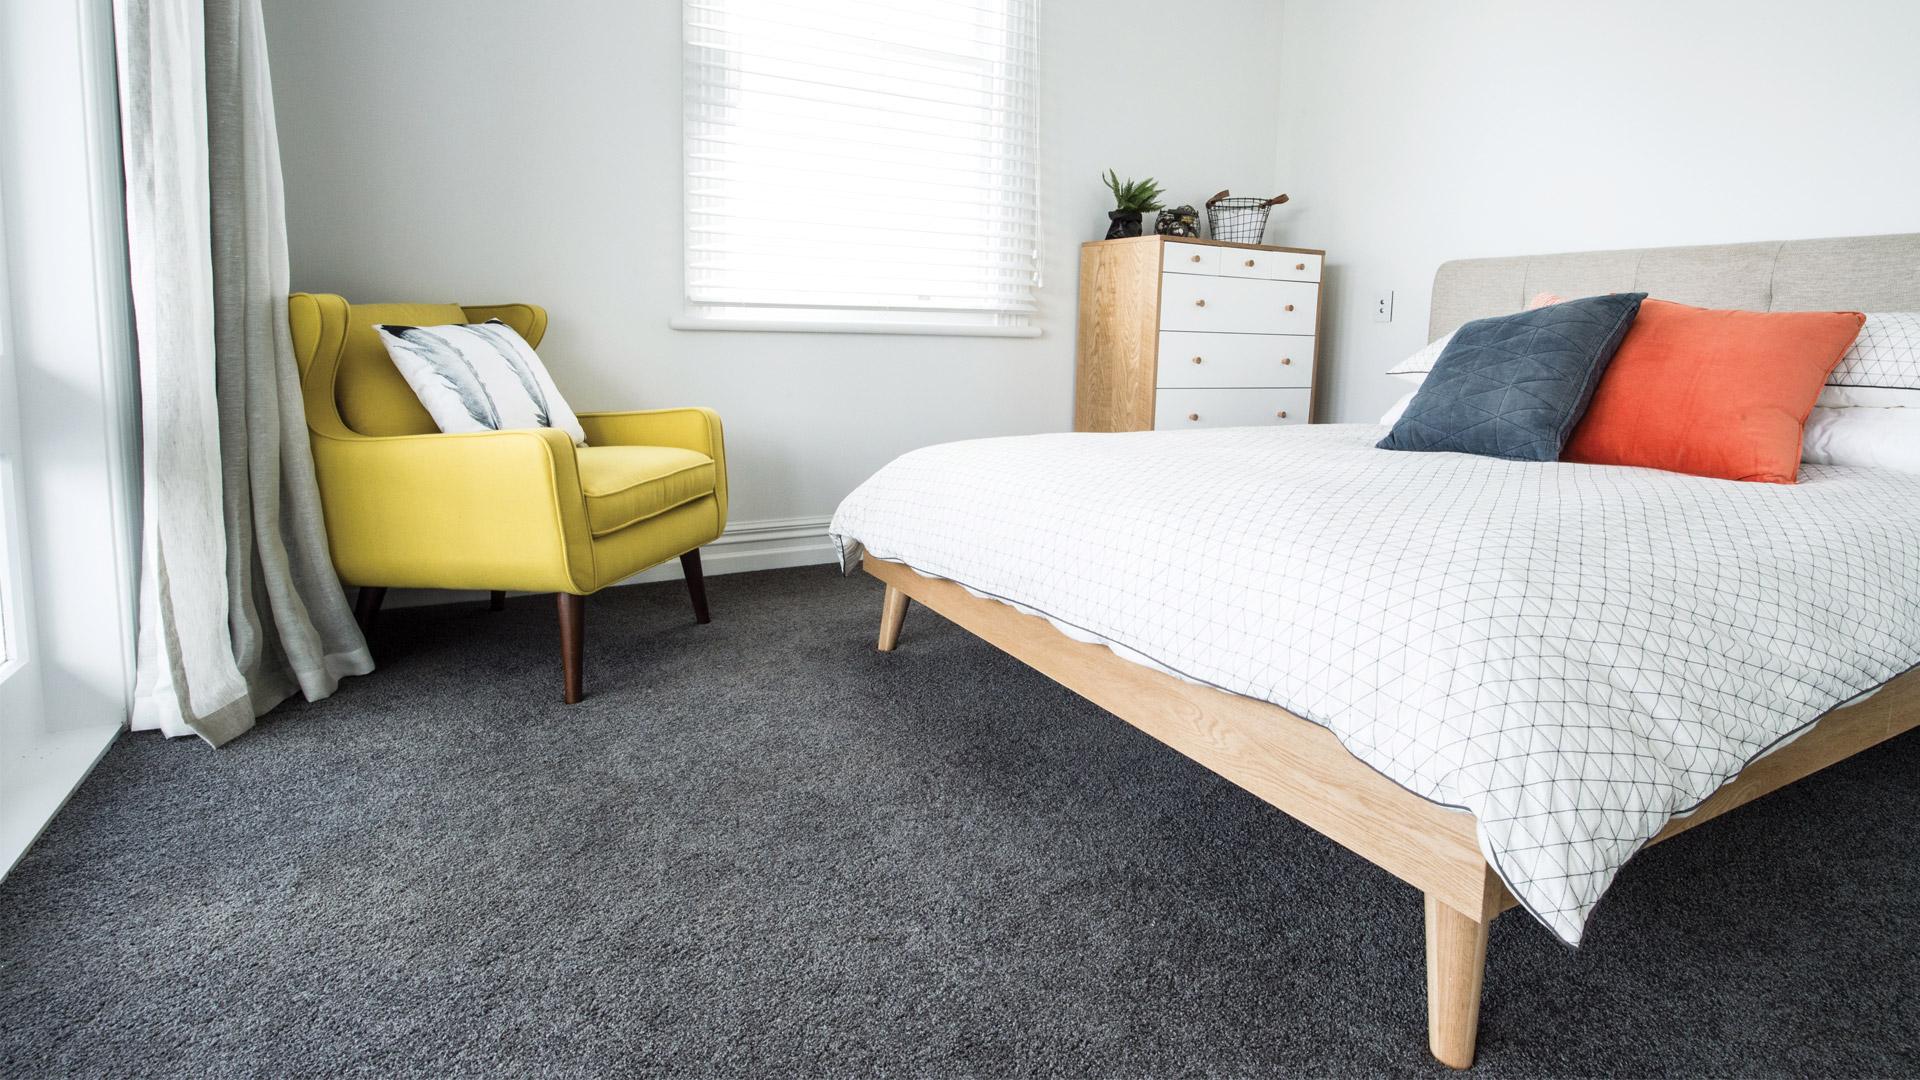 Ковролин на полу в спальне